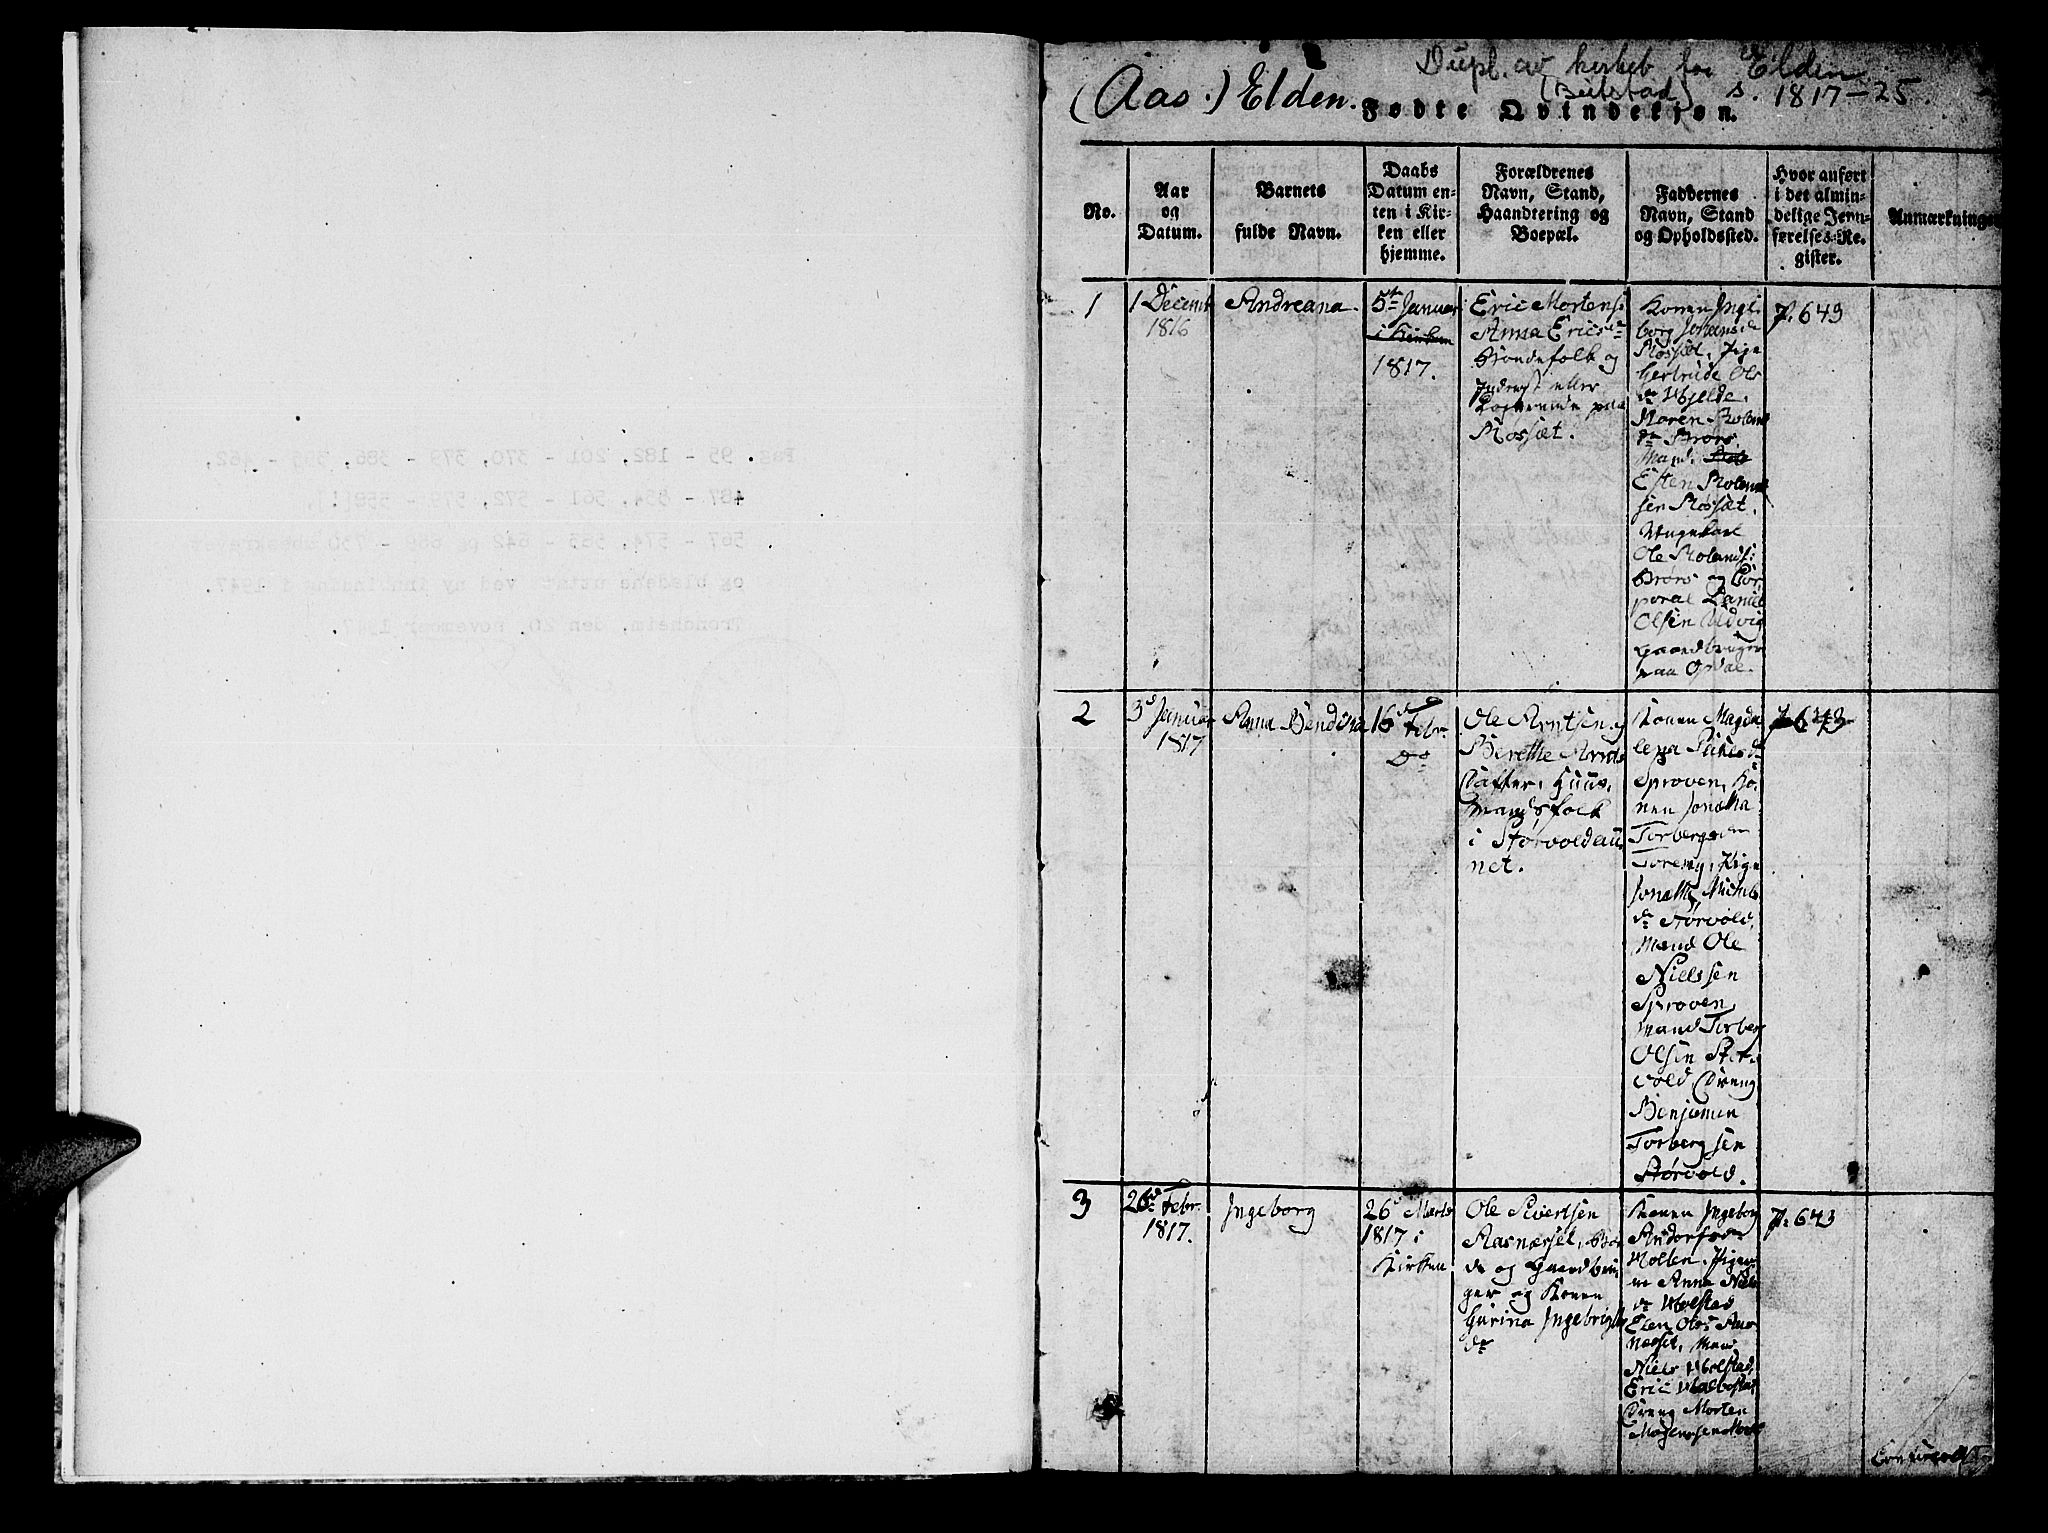 SAT, Ministerialprotokoller, klokkerbøker og fødselsregistre - Nord-Trøndelag, 742/L0411: Klokkerbok nr. 742C02, 1817-1825, s. 0-1